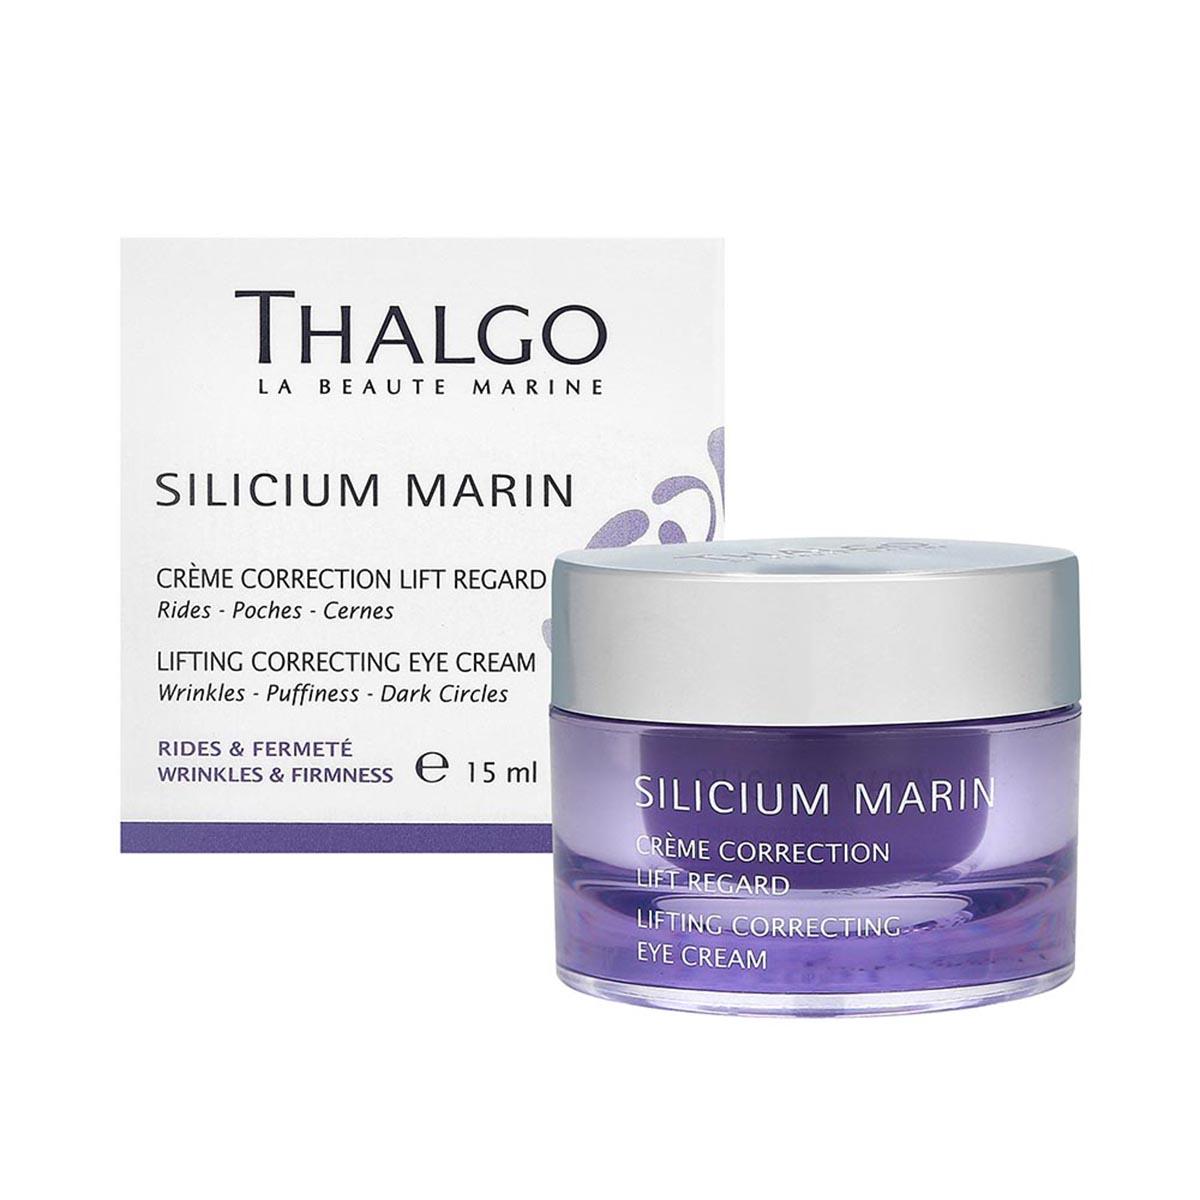 Thalgo creme silicium effet lifting regard 15ml